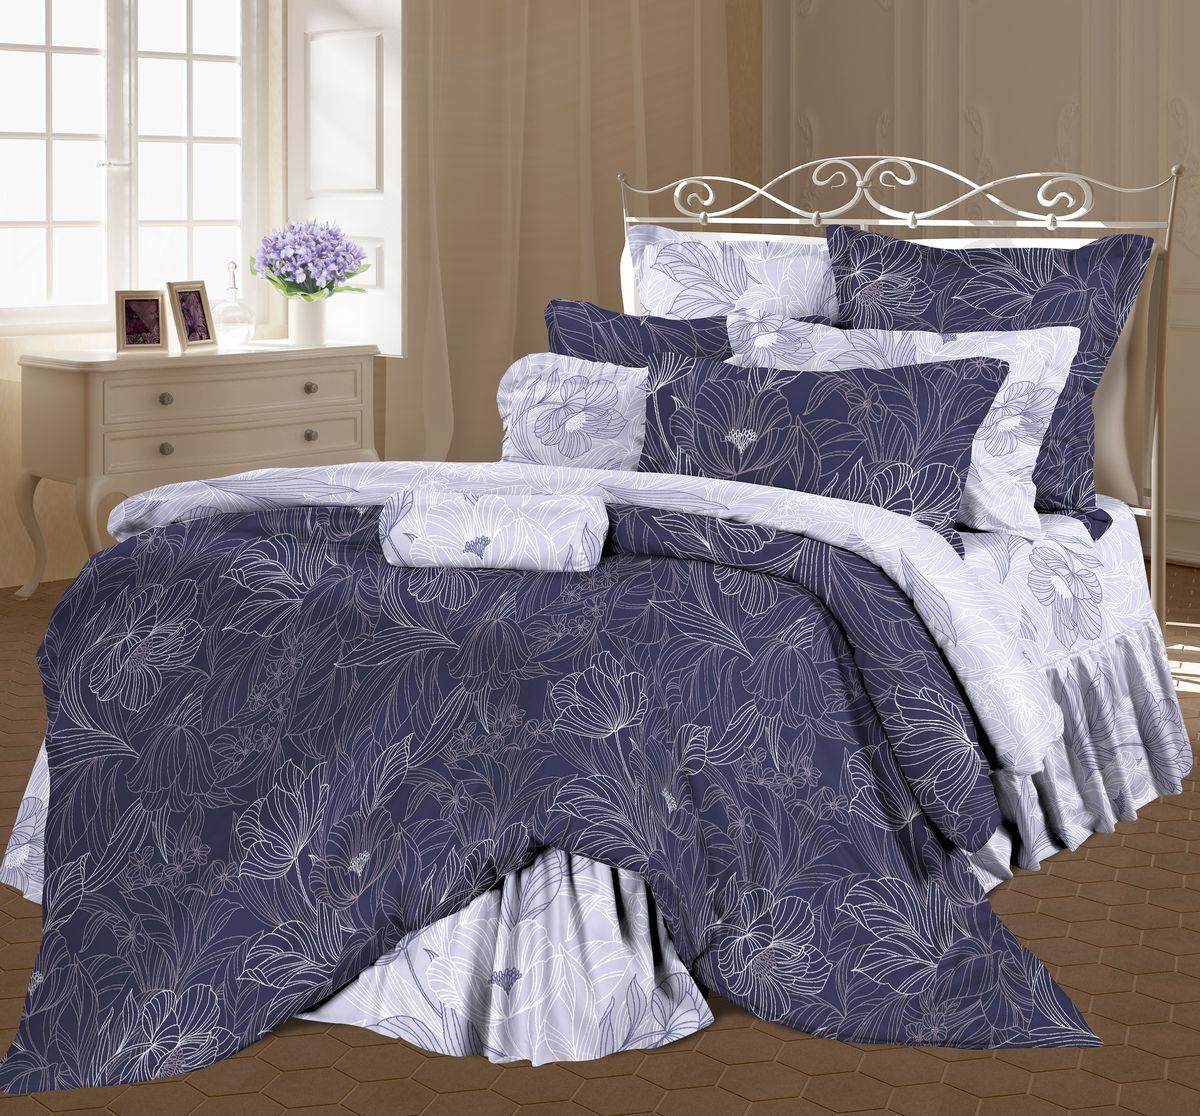 Комплект белья Романтика Консуэло, 2-х спальное, наволочки 70 x 70, цвет: сиреневый. 317940317940